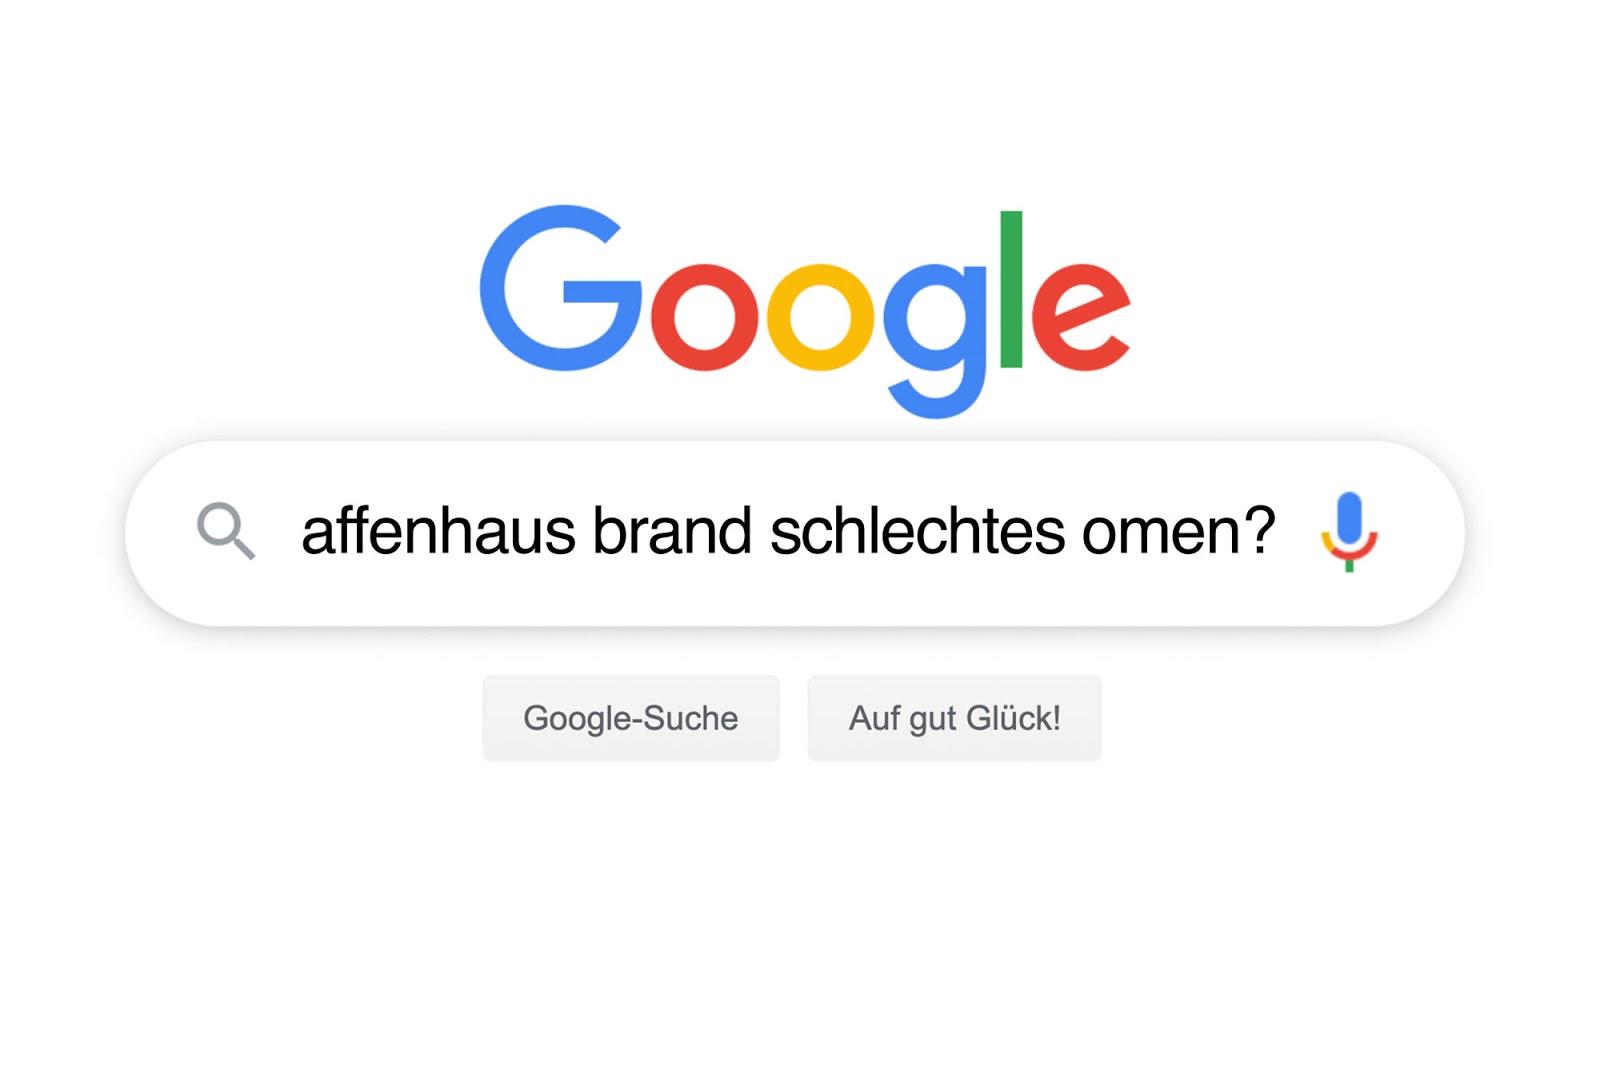 Das waren die 25 häufigsten Google-Suchanfragen der Deutschen im Jahr 2020